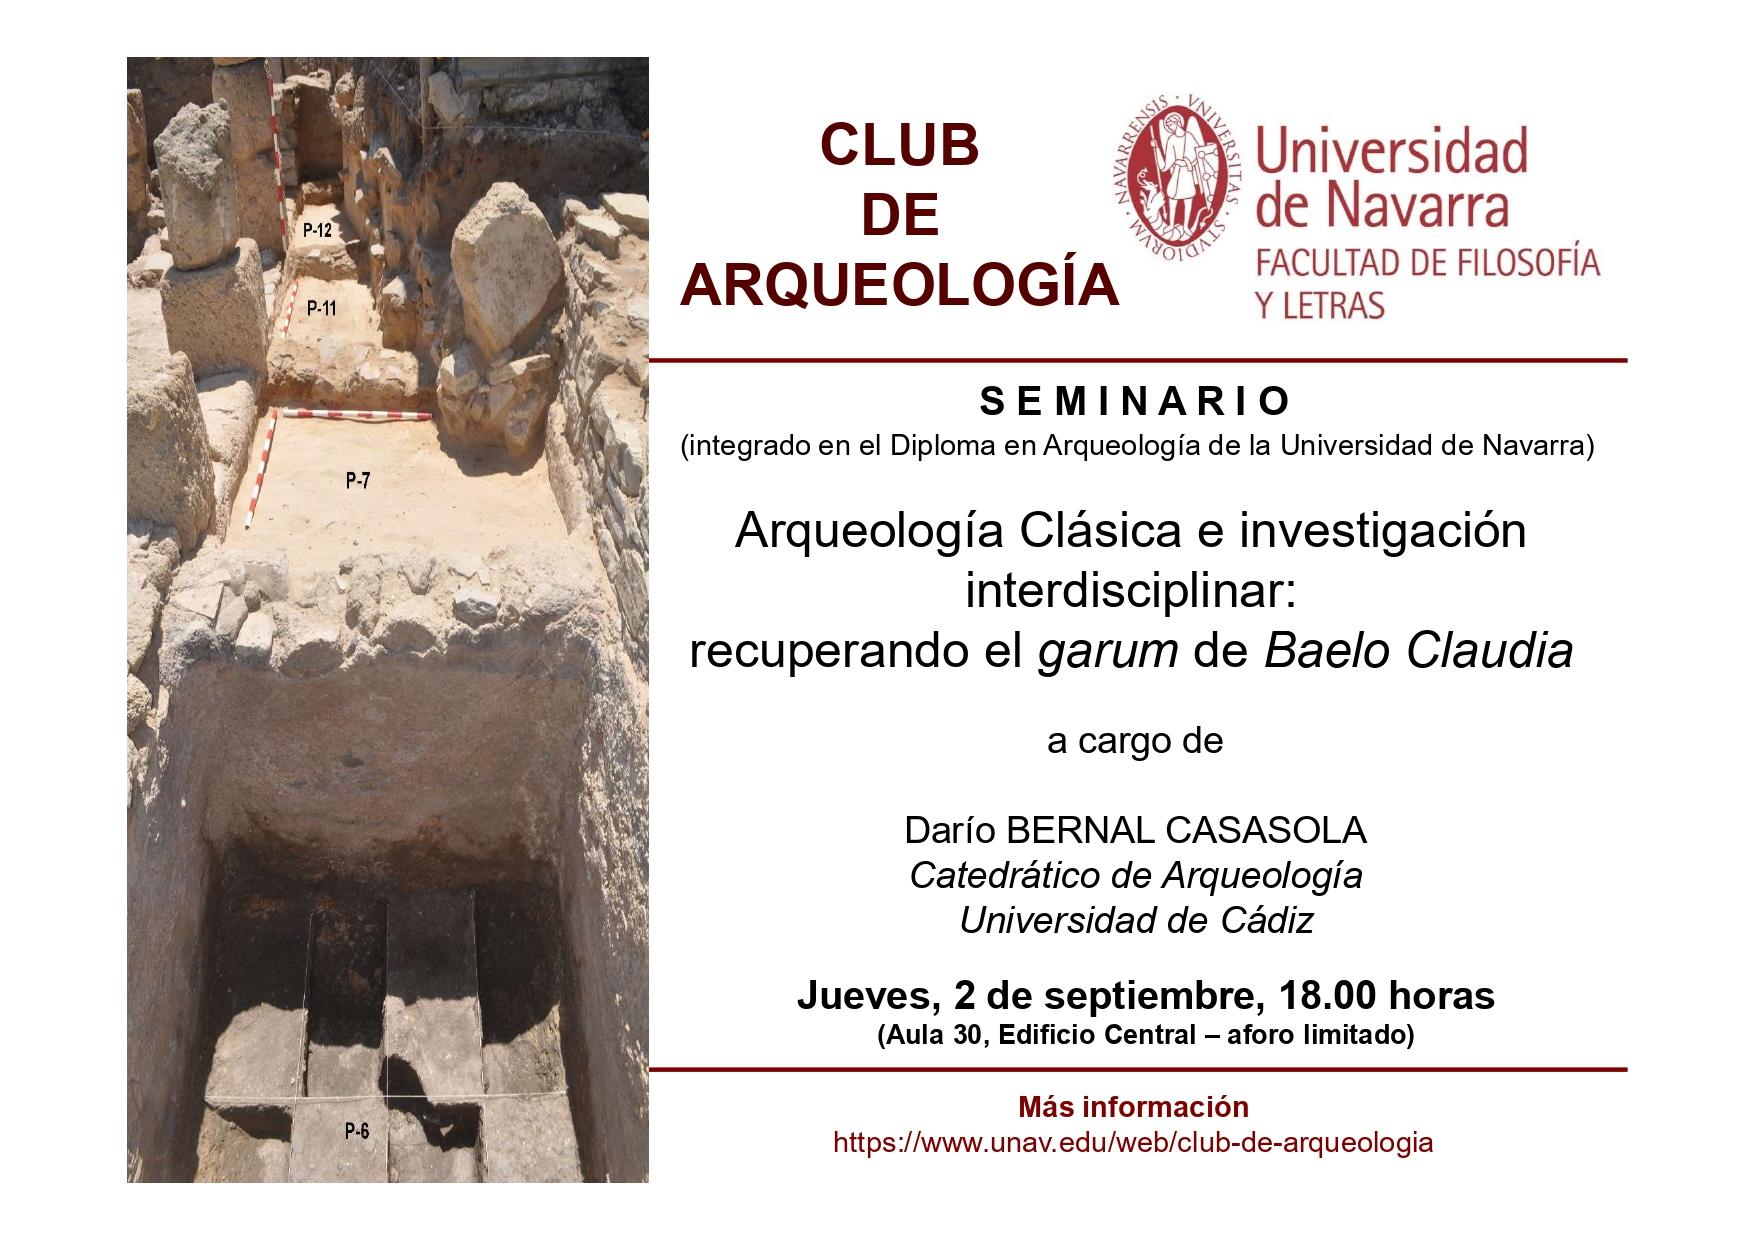 CONFERENCIA DEL PROFESOR DARÍO BERNAL CASASOLA